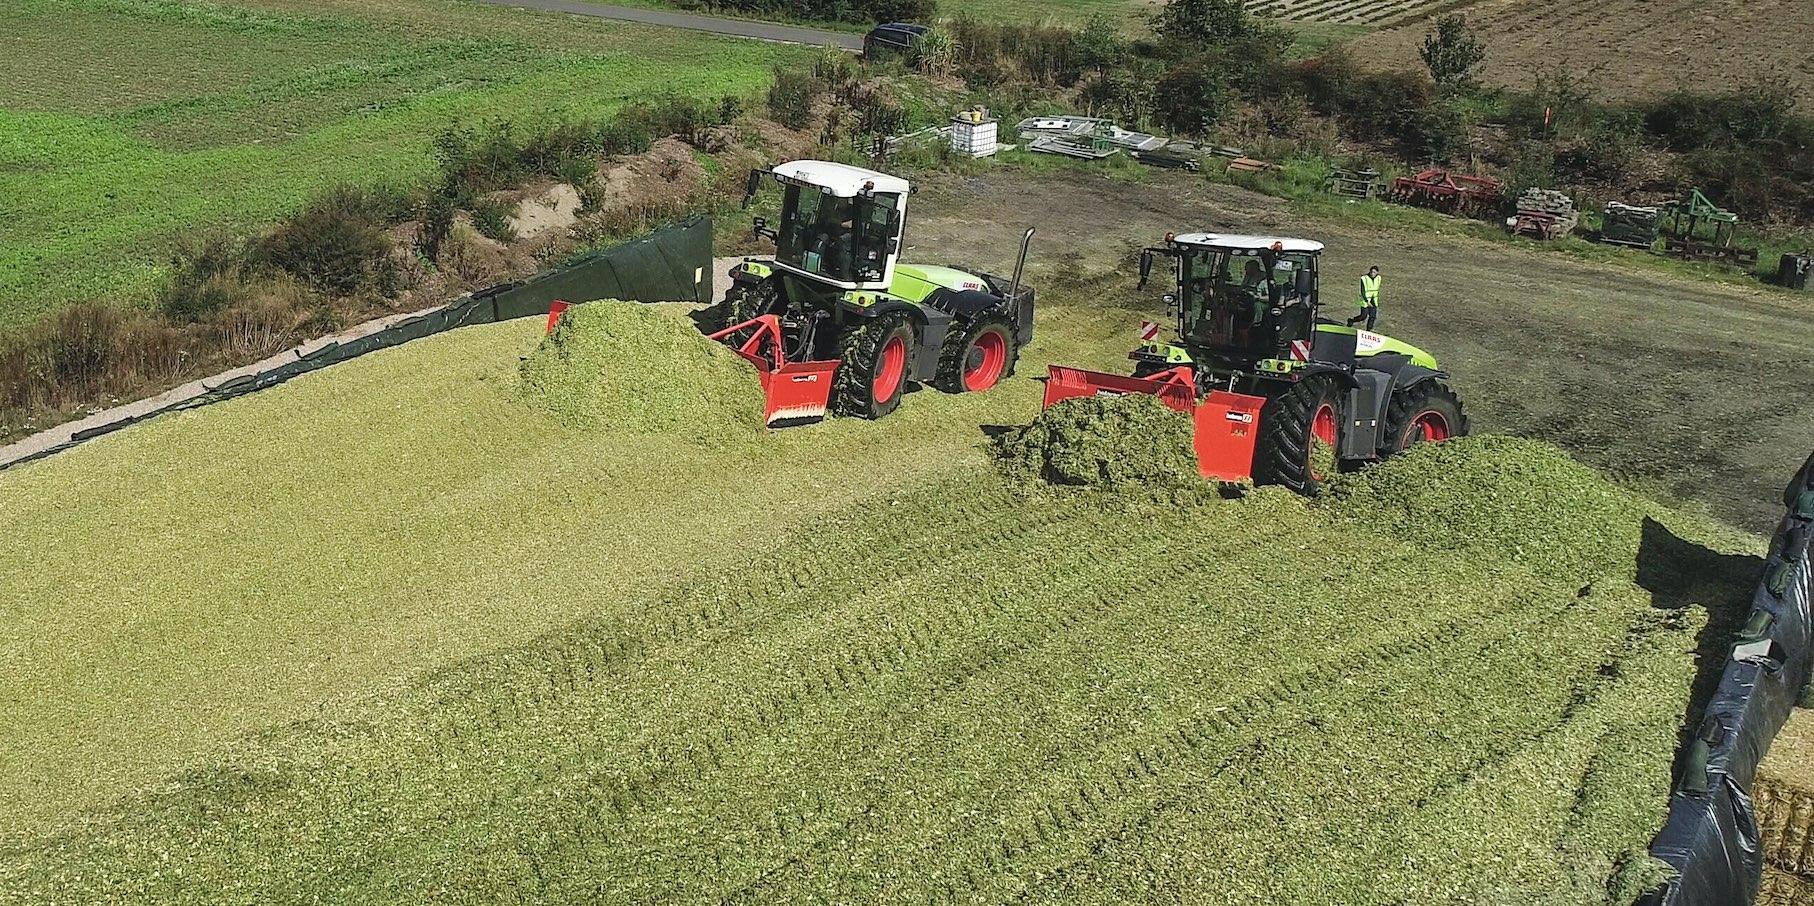 Avec respectivement 224 kg MS/m3 et 216 kg MS/m3, la qualité de tassement de l'ensilage en brins courts et du Shredlage n'a pas révélé d'écarts significatifs, y compris en surface, moyennant un tracteur de 18 t et 22 t